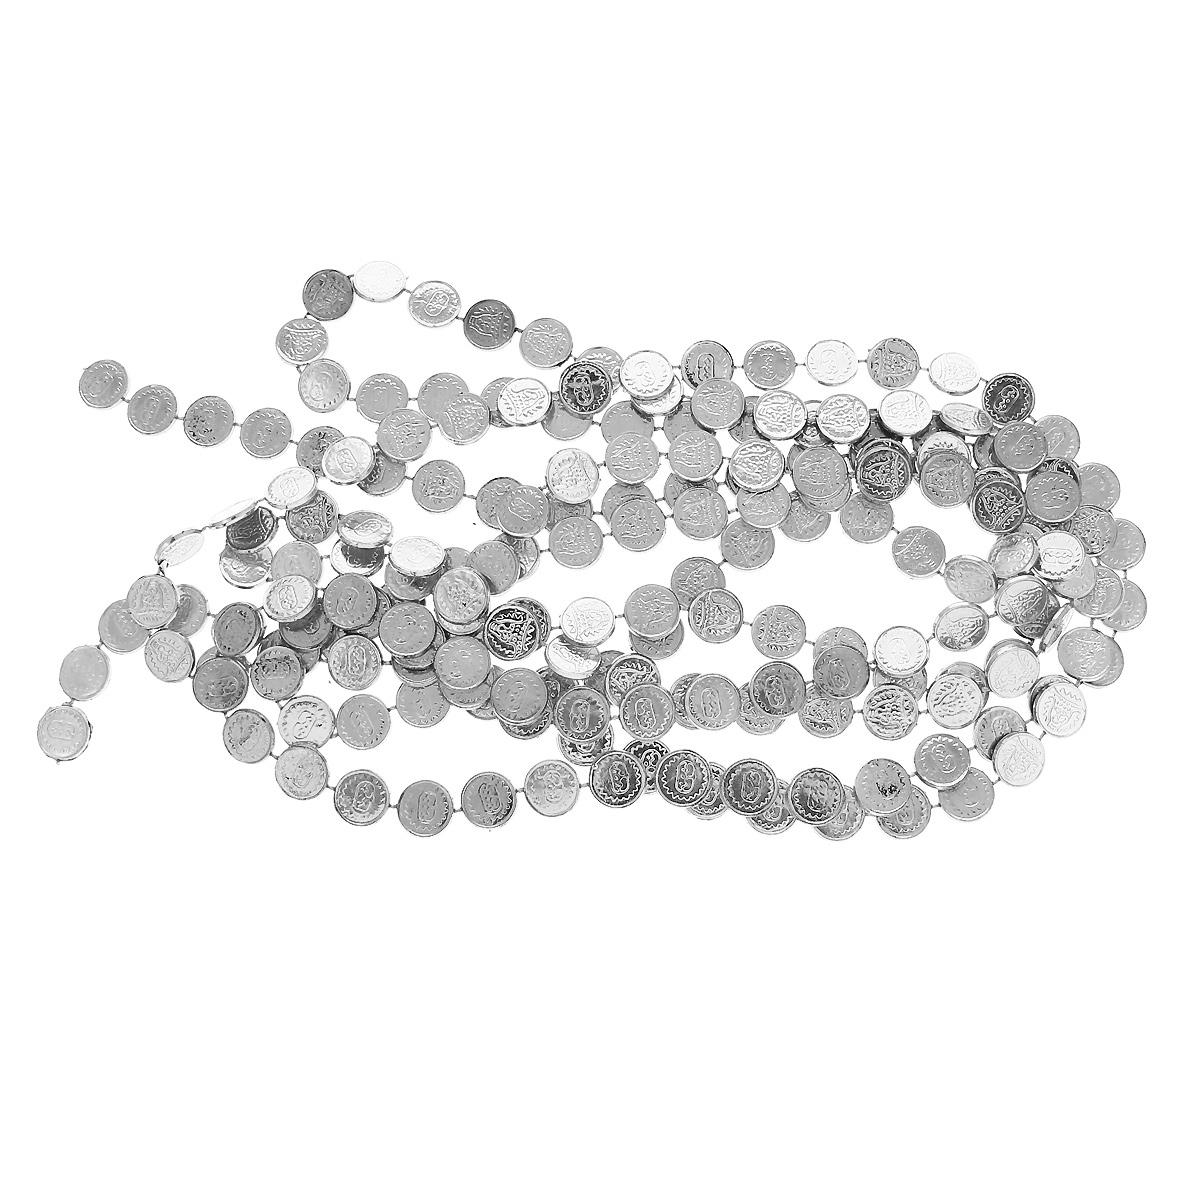 Новогодняя гирлянда Монеты, цвет: серебристый, 270 см34465Новогодняя гирлянда прекрасно подойдет для декора дома или офиса. Украшение выполнено из разноцветной металлизированной фольги. С помощью специальных петелек гирлянду можно повесить в любом понравившемся вам месте. Украшение легко складывается и раскладывается. Новогодние украшения несут в себе волшебство и красоту праздника. Они помогут вам украсить дом к предстоящим праздникам и оживить интерьер по вашему вкусу. Создайте в доме атмосферу тепла, веселья и радости, украшая его всей семьей.